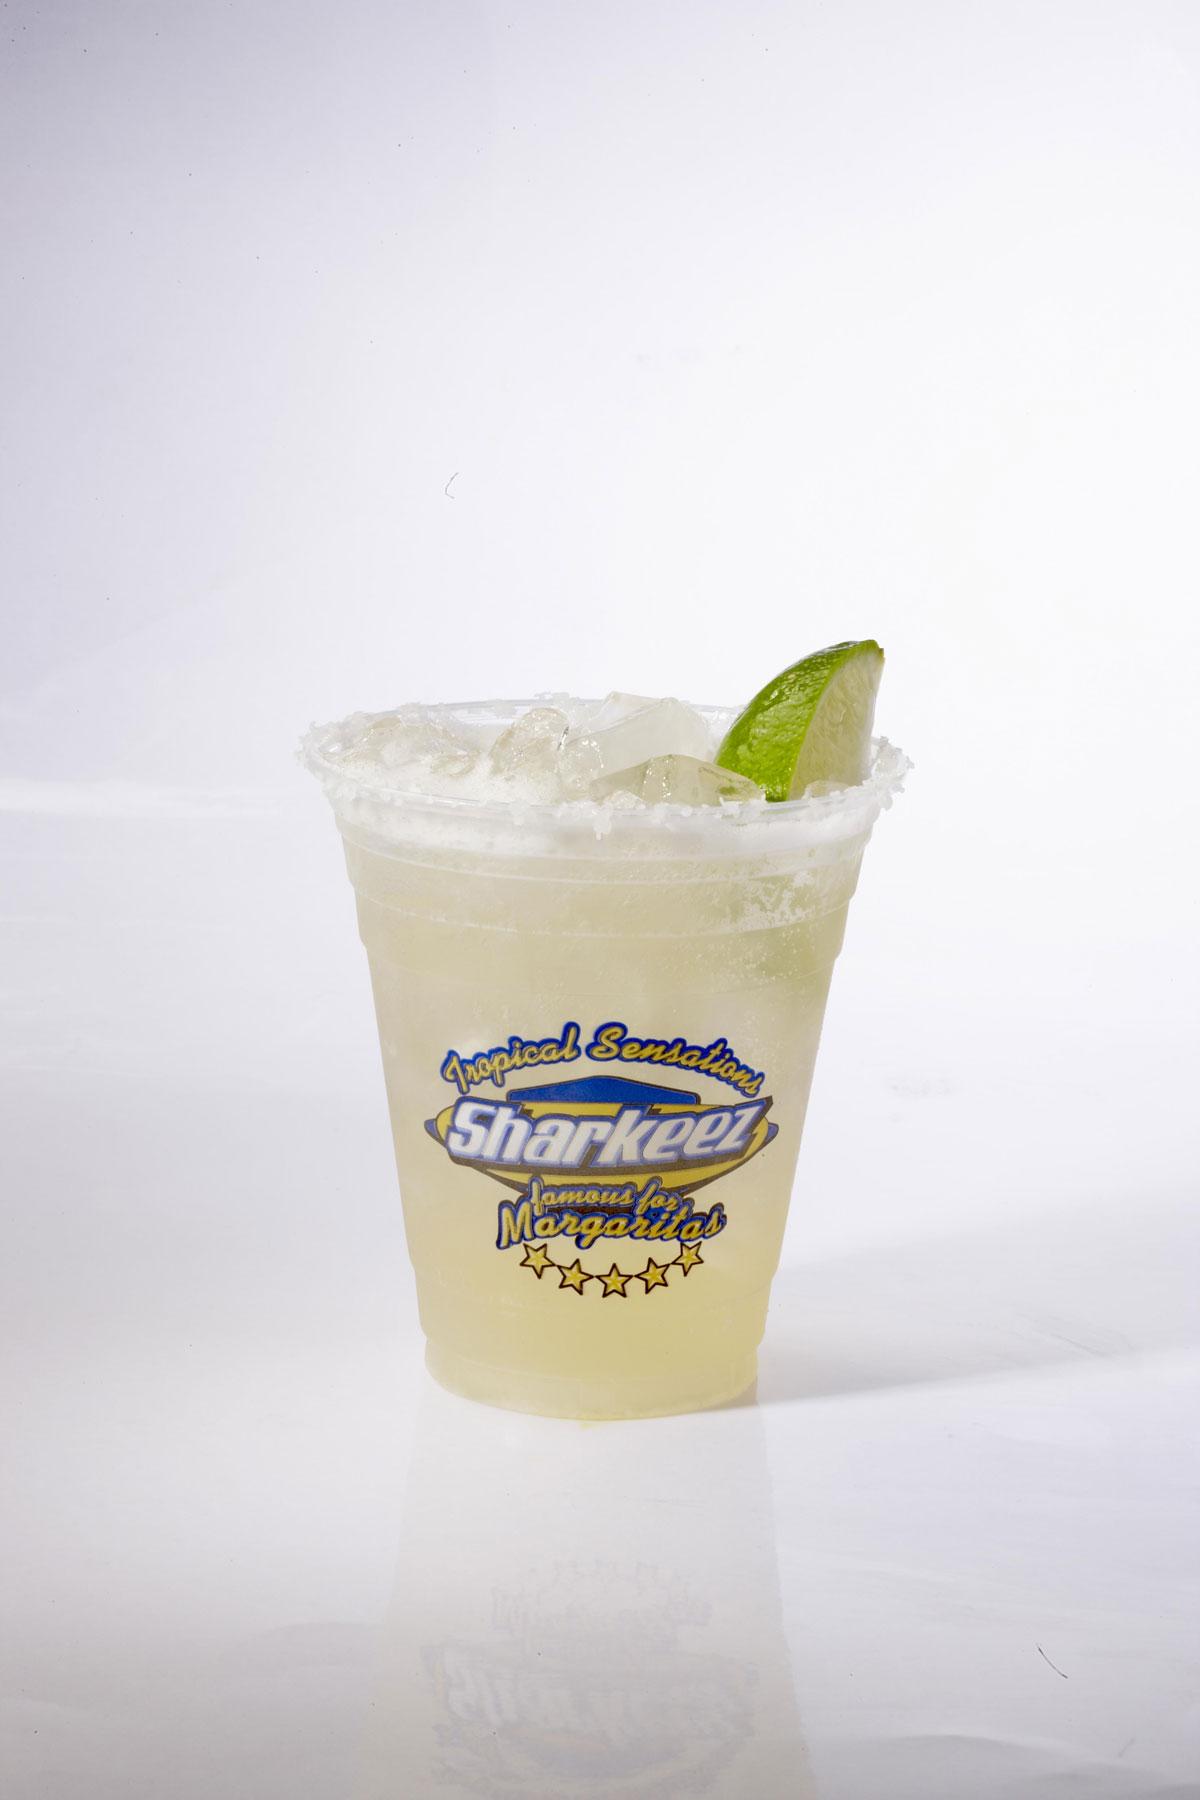 Great-White-Margarita